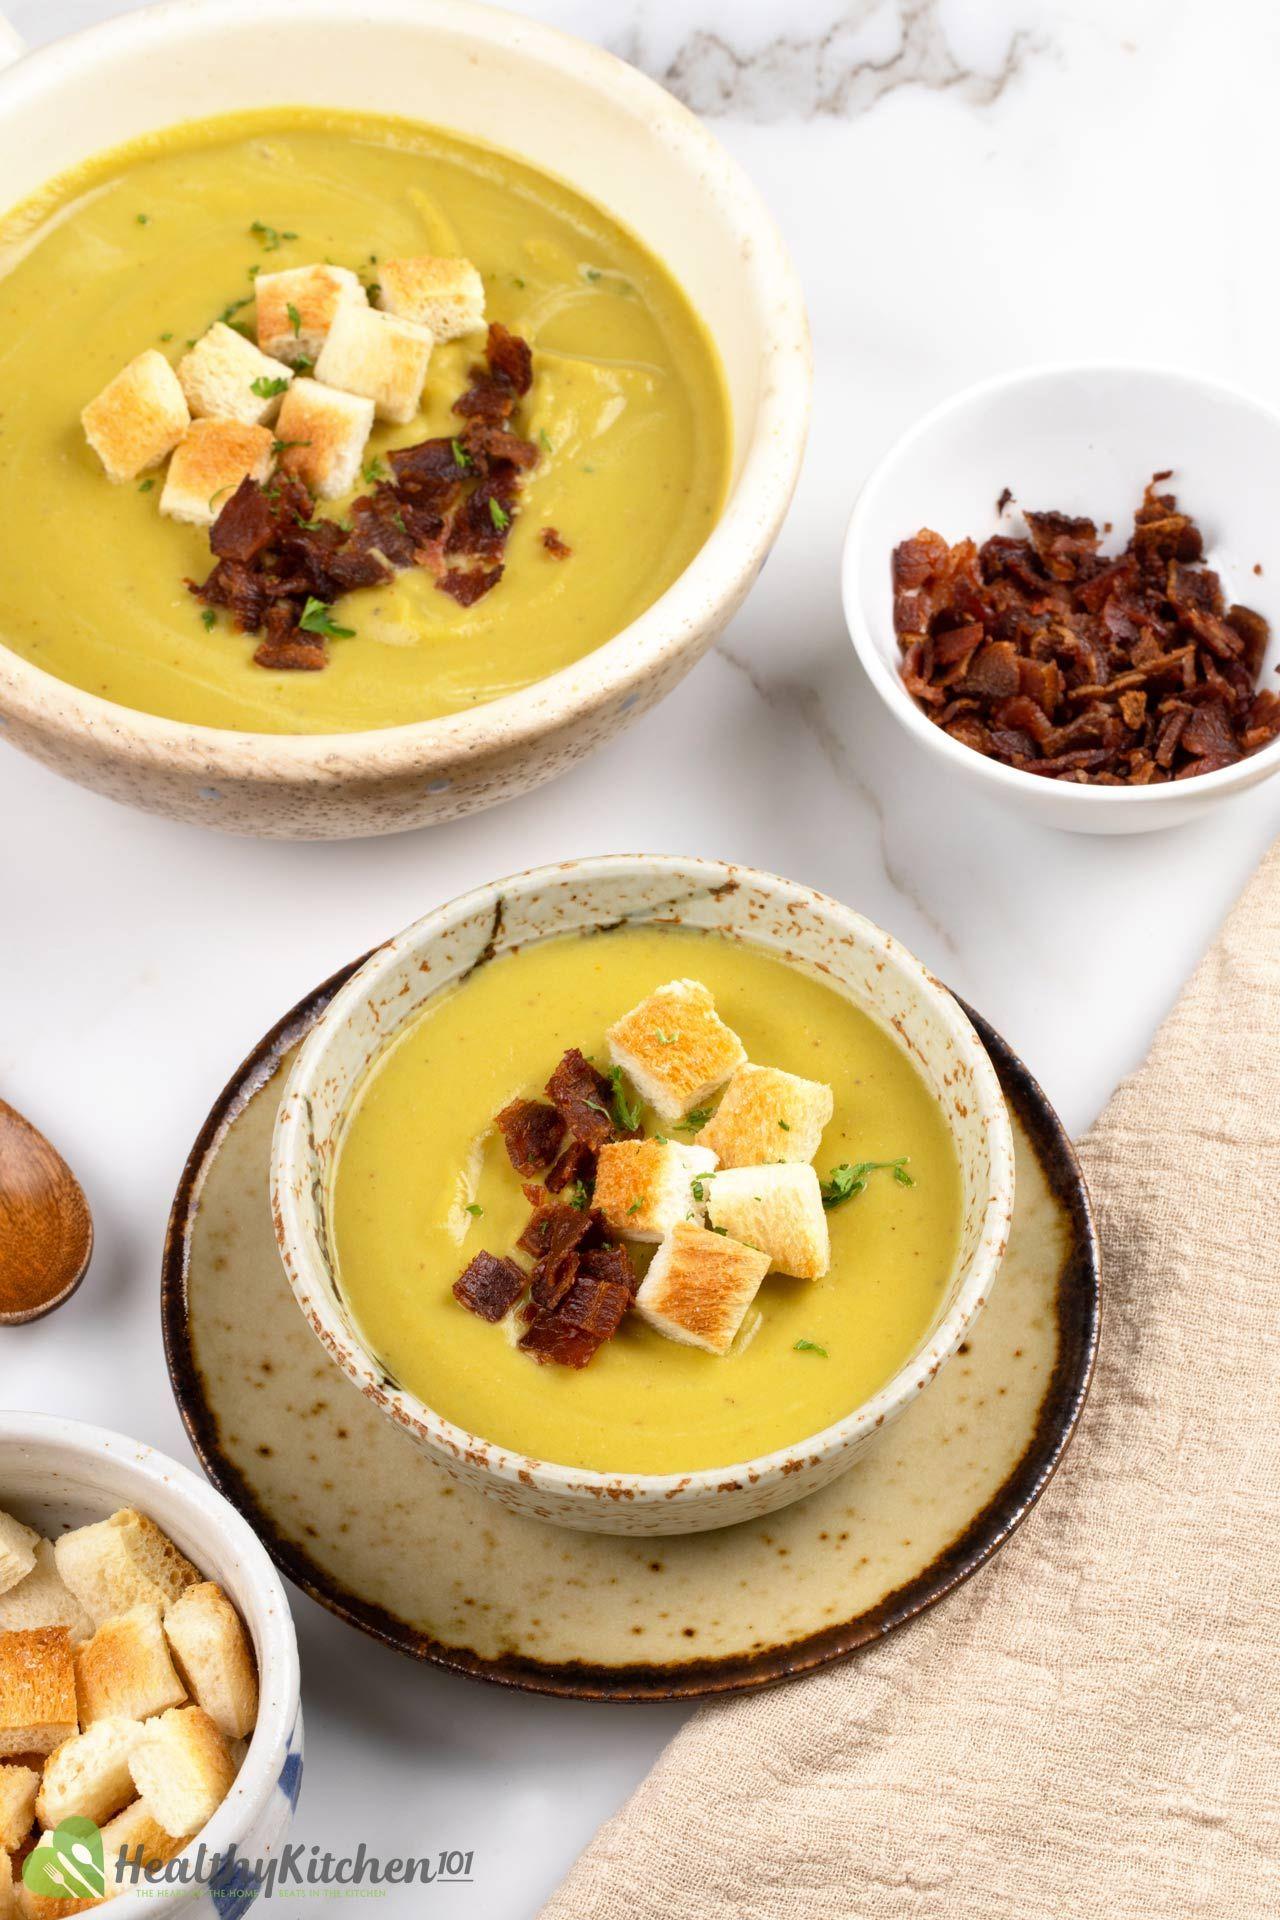 is split pea soup healthy